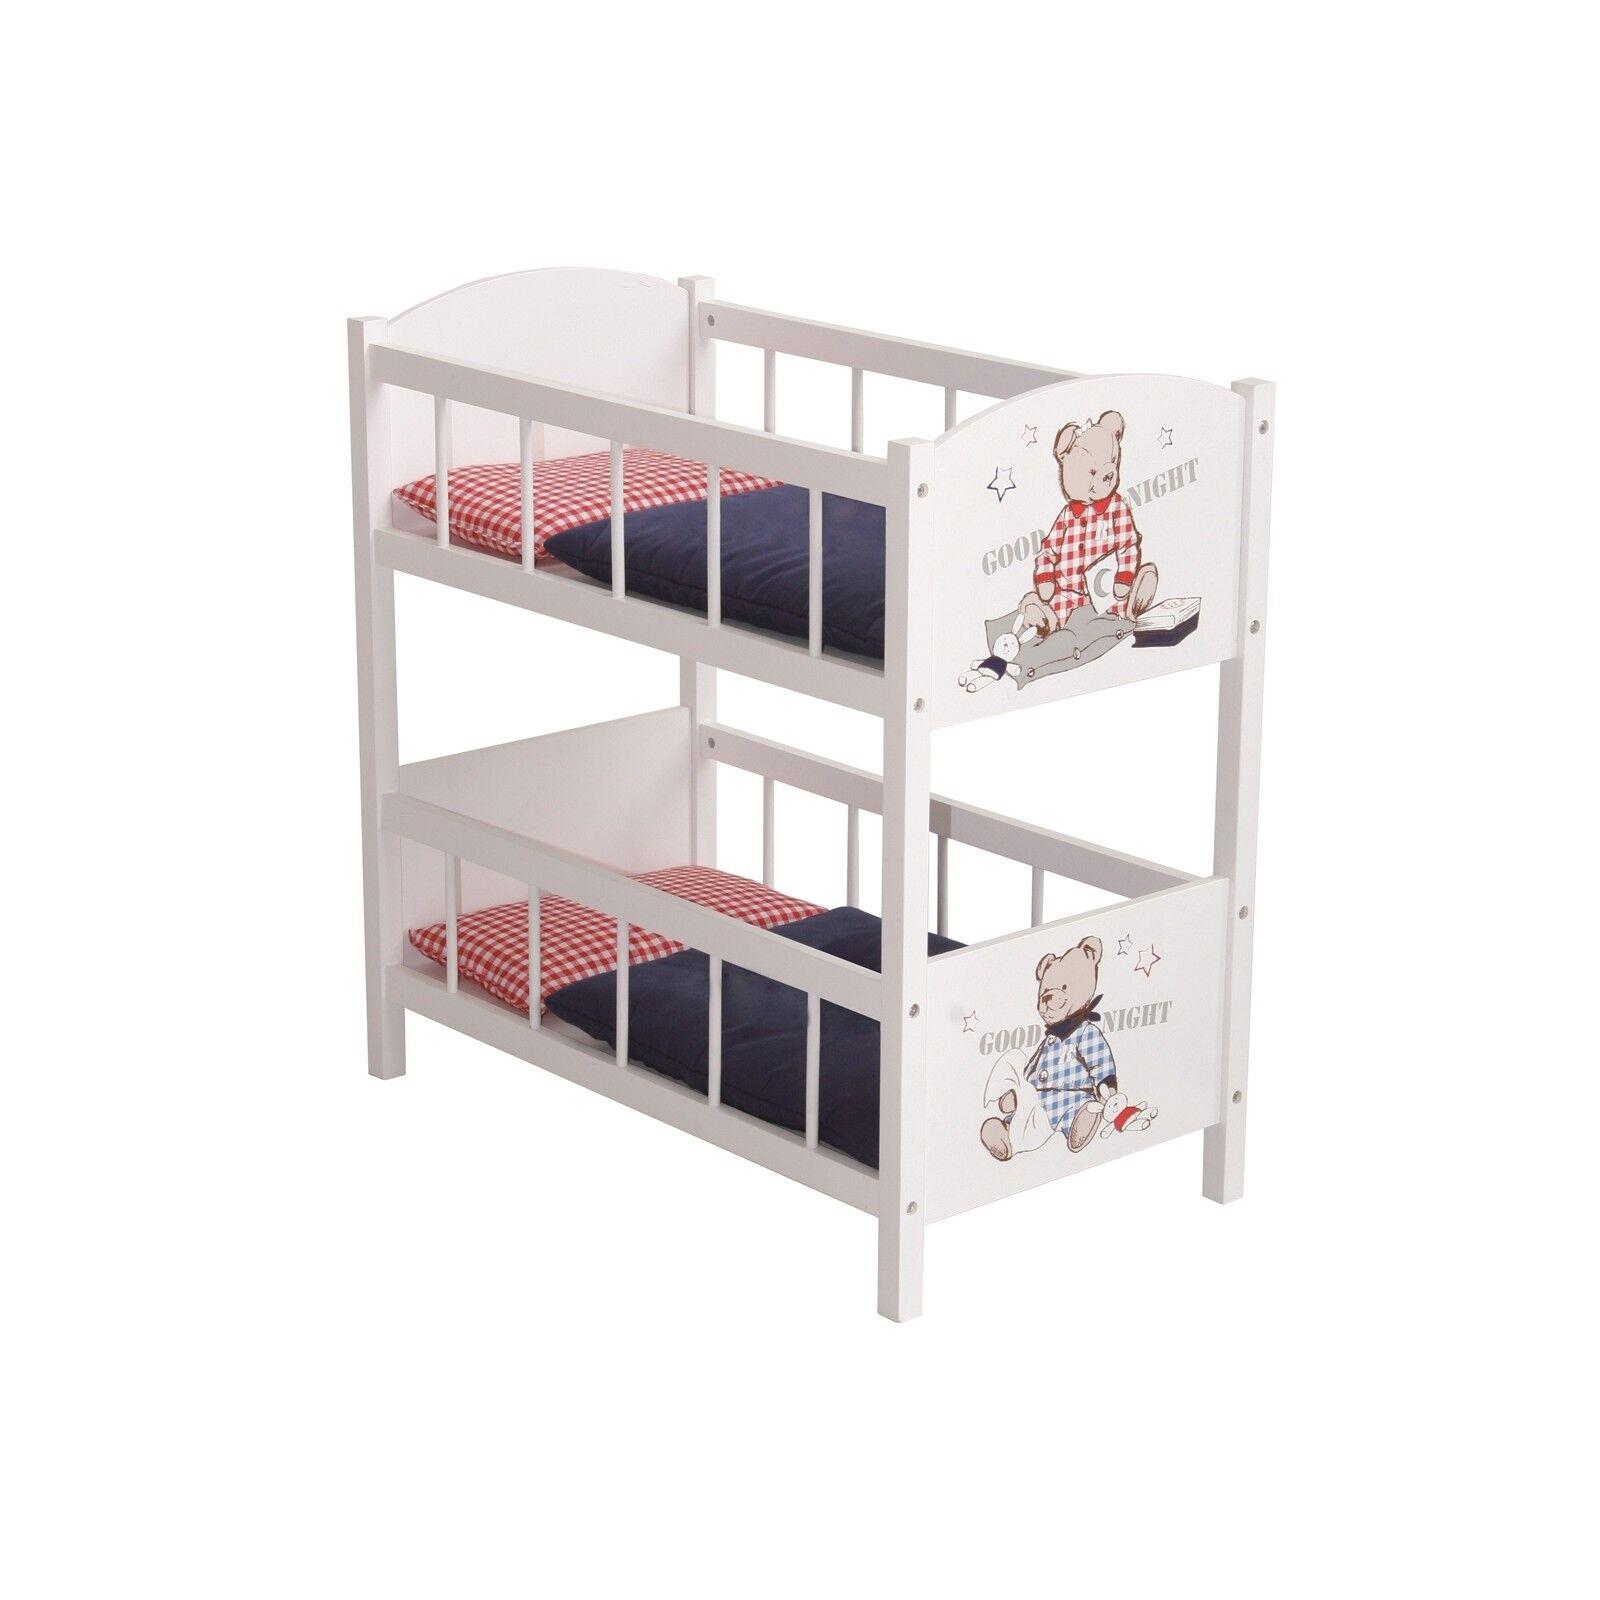 Roba bambini bambole Letto a  castello con biancheria da letto Teddy College Nuovo  il più economico